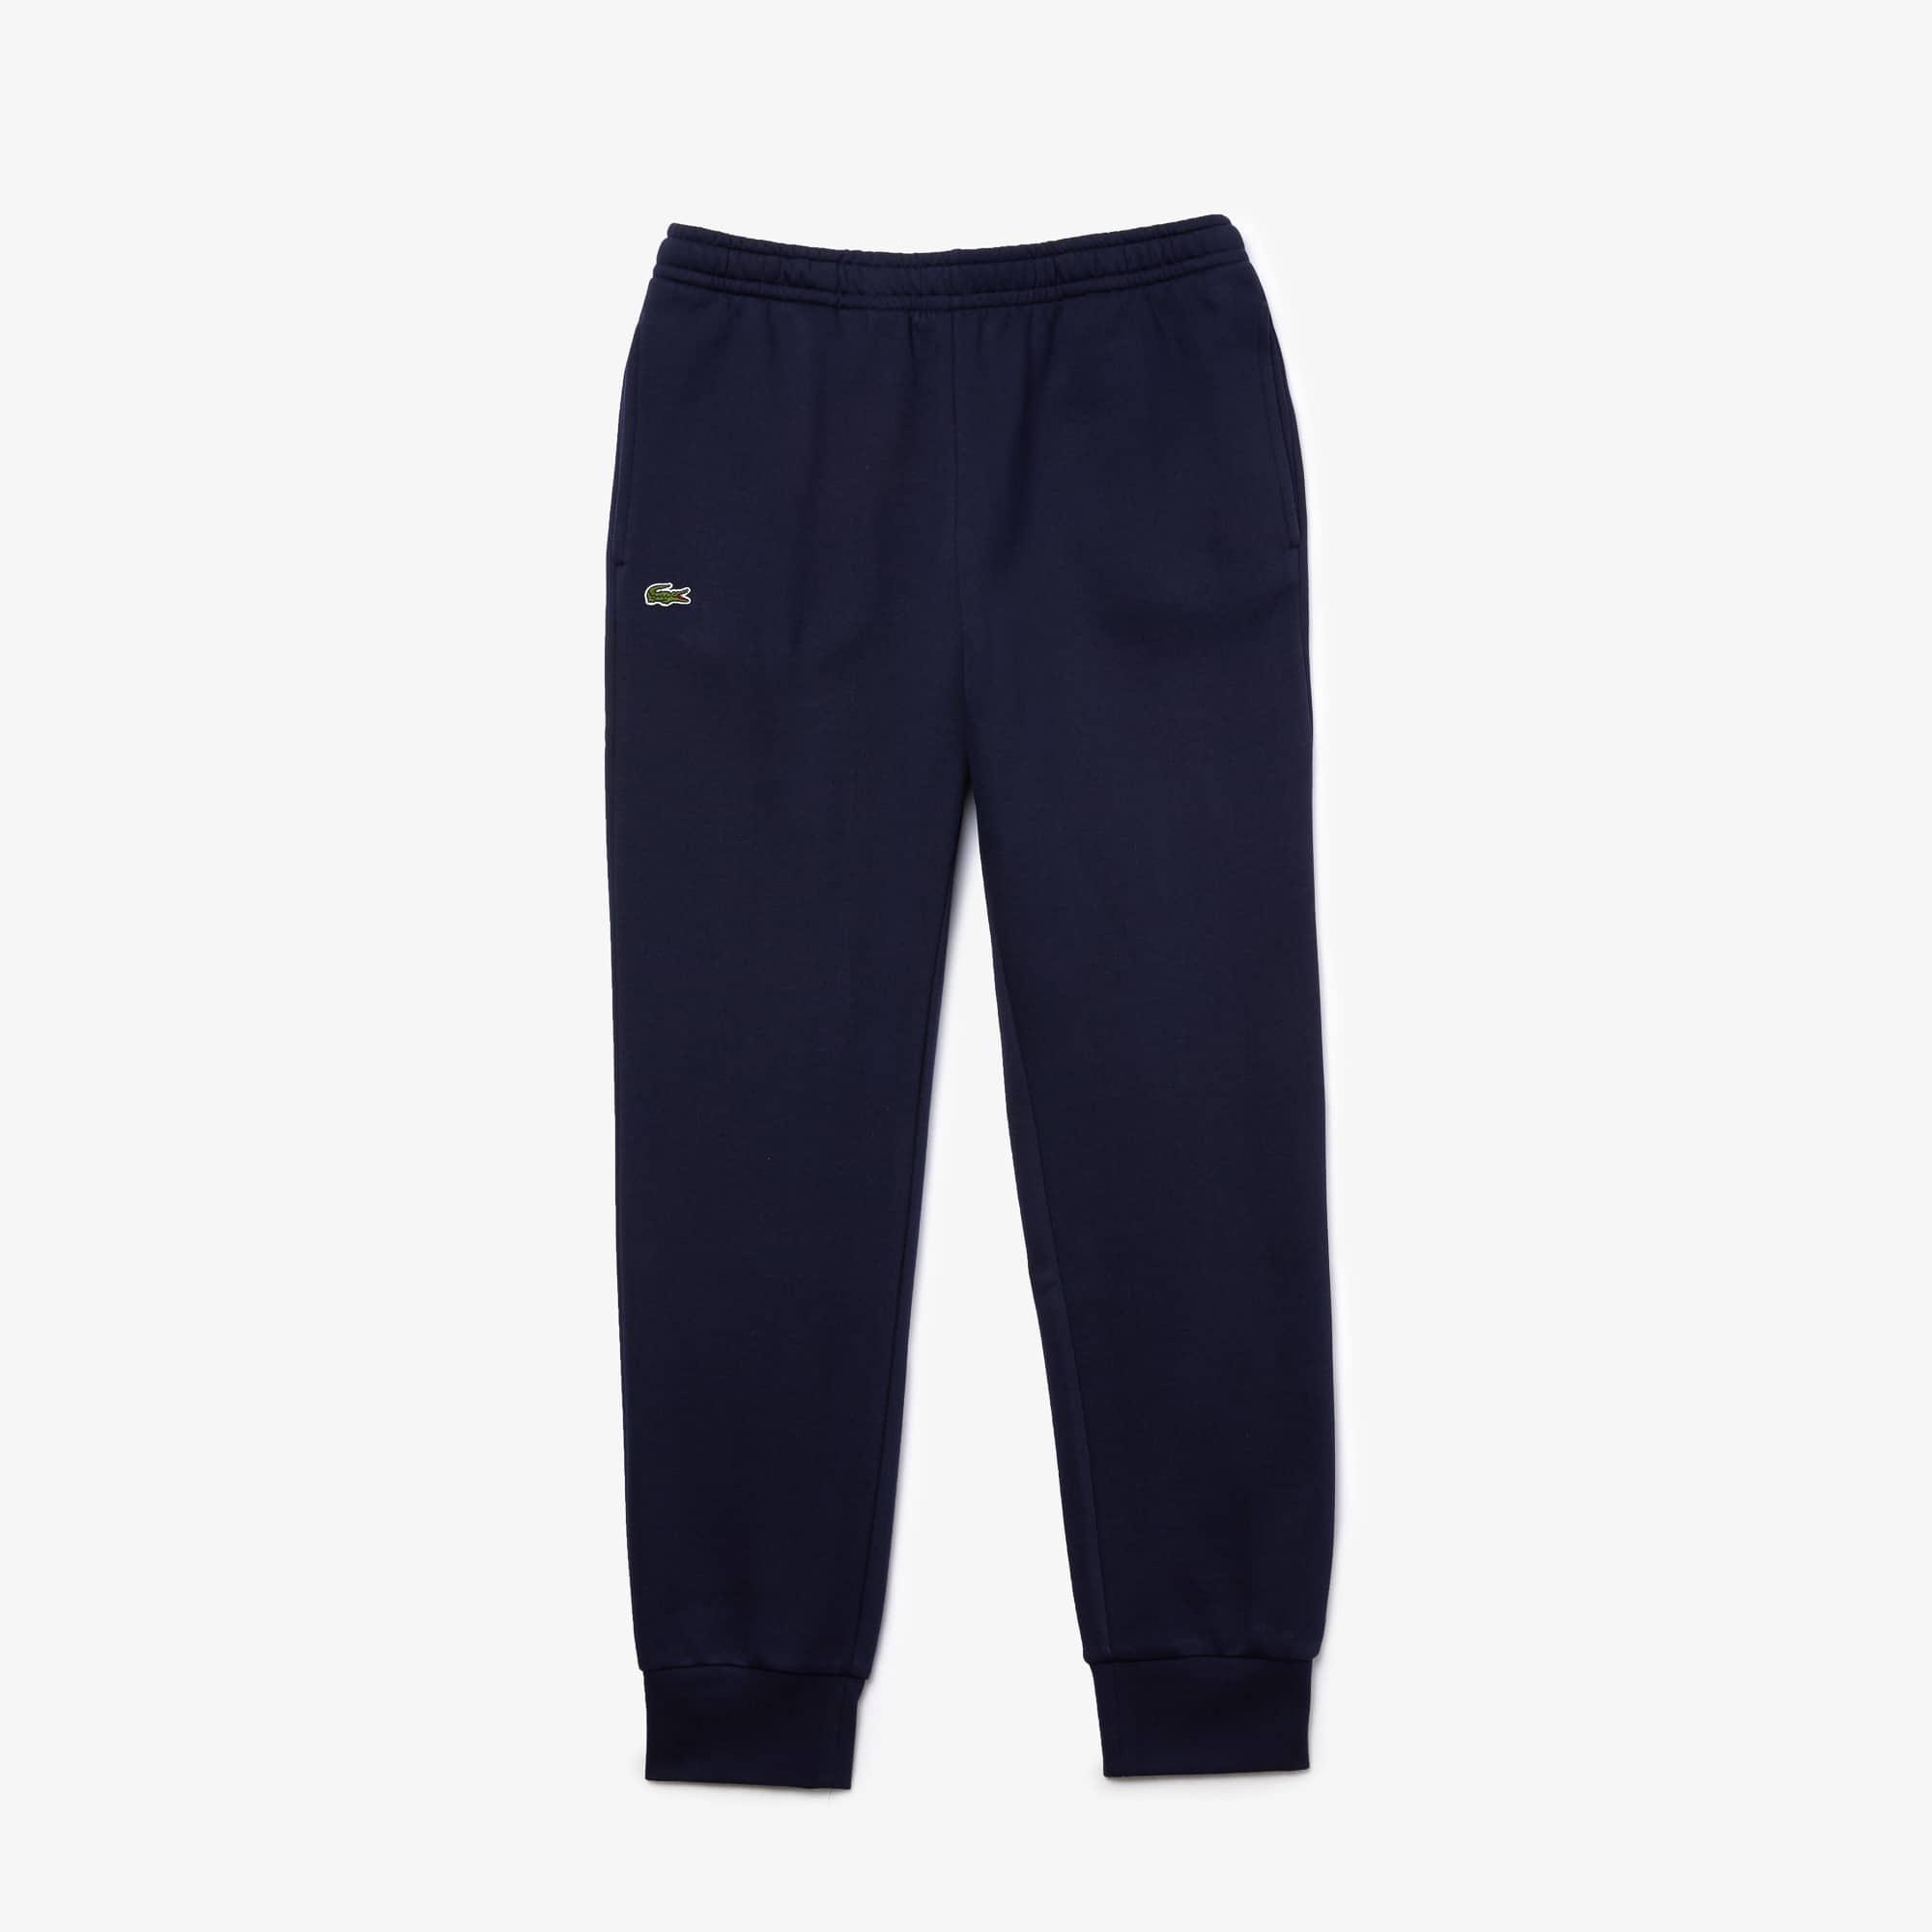 Pantalon de survêtement Tennis Lacoste SPORT en molleton de coton uni